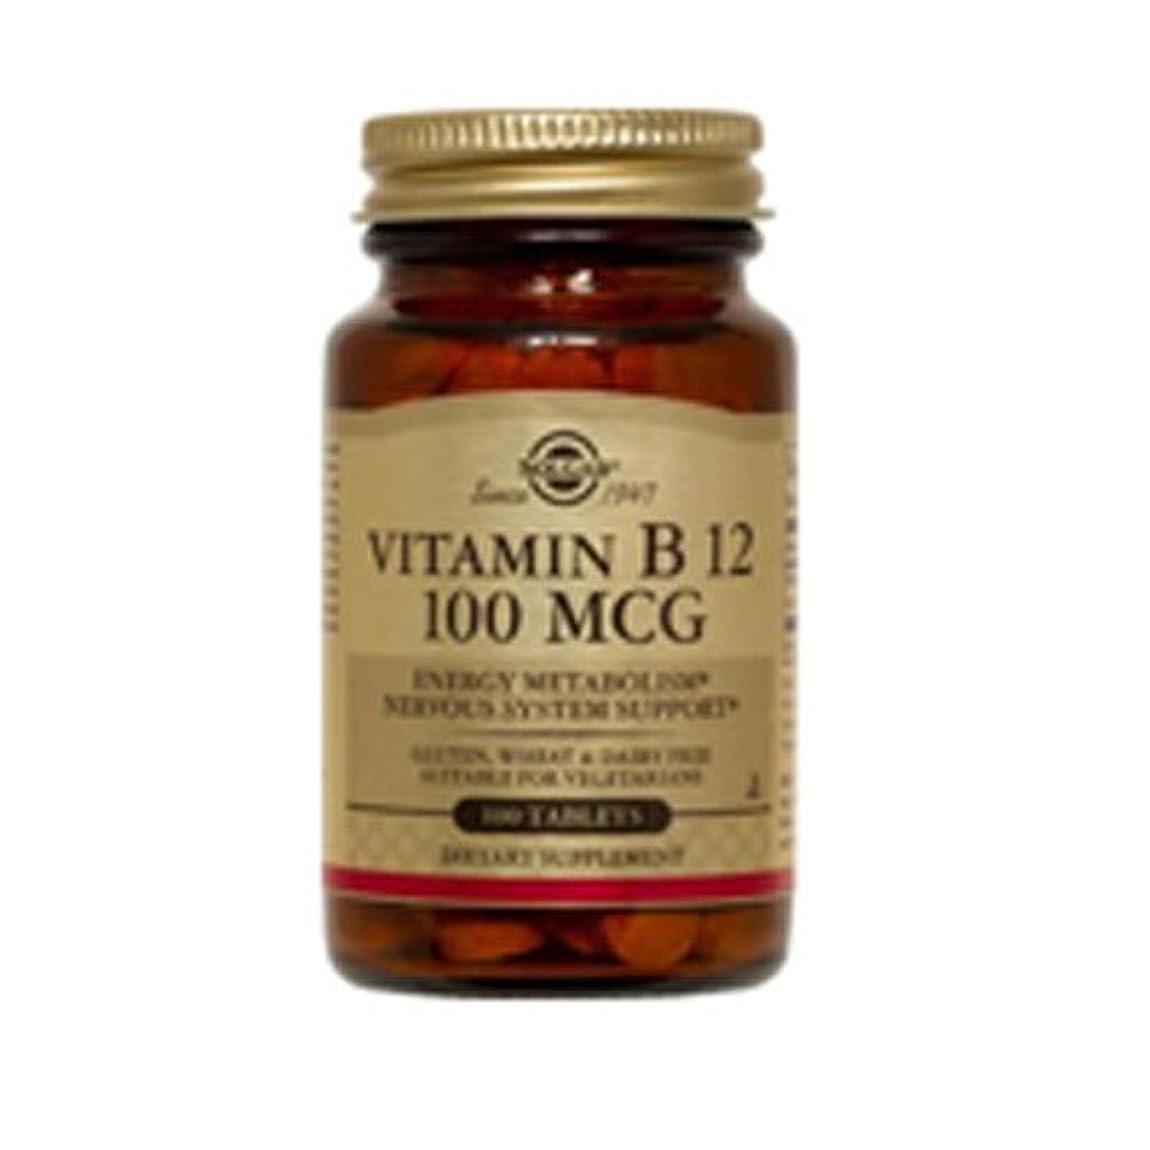 雰囲気いらいらさせるスピーカーSolgar - ビタミン B12 100 mcg。100錠剤